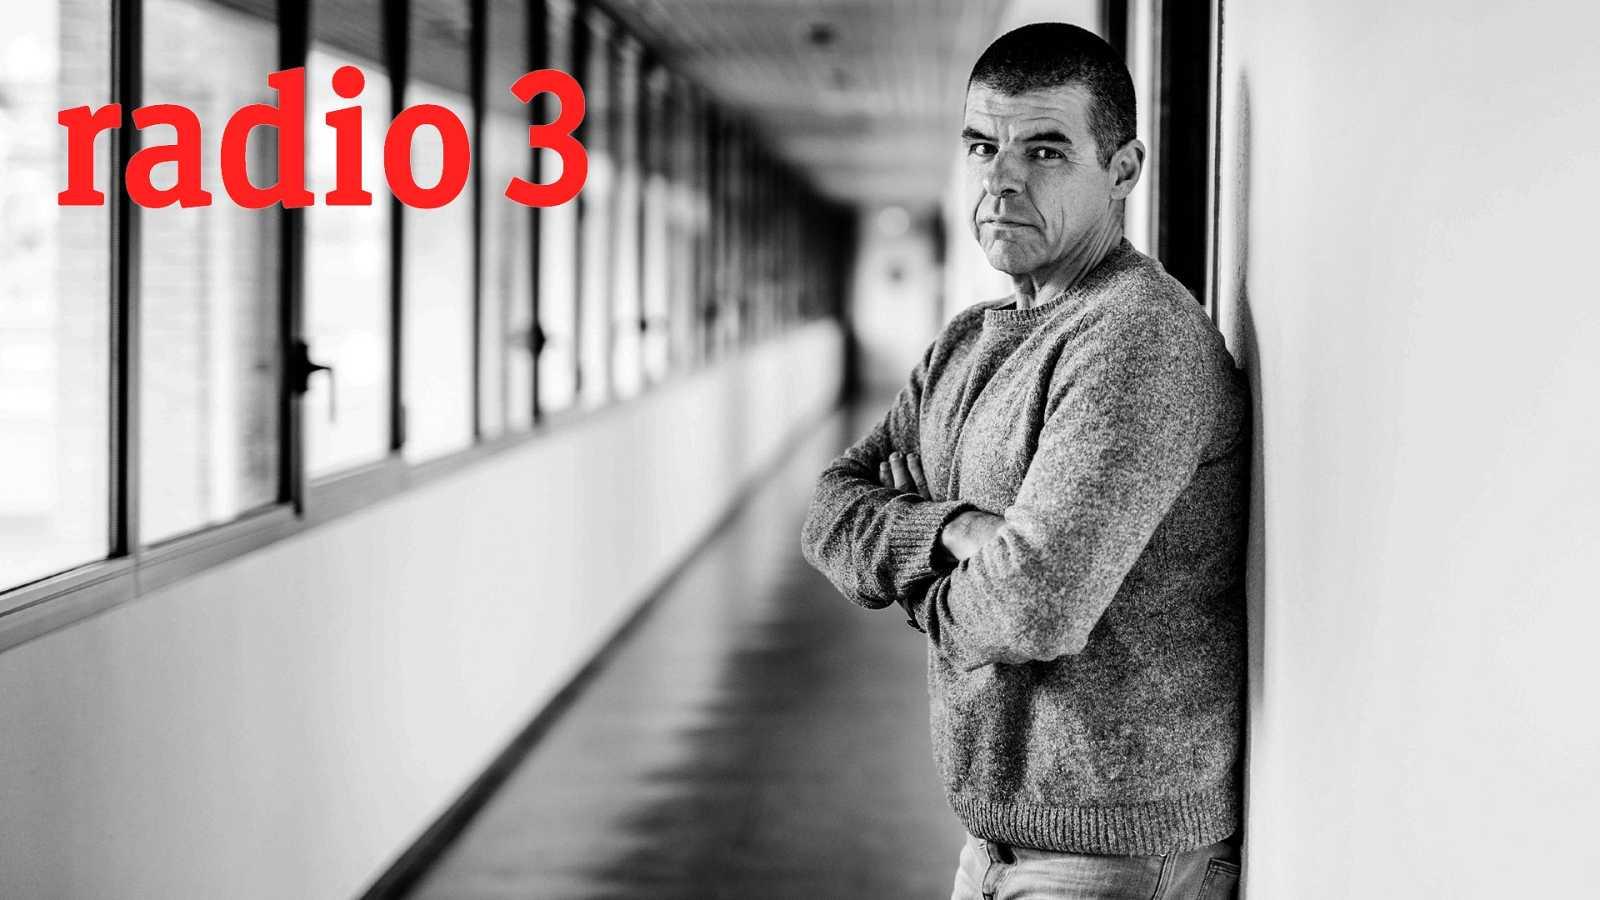 En Radio 3 - Manuel Marlasca - 20/06/20 - escuchar ahora